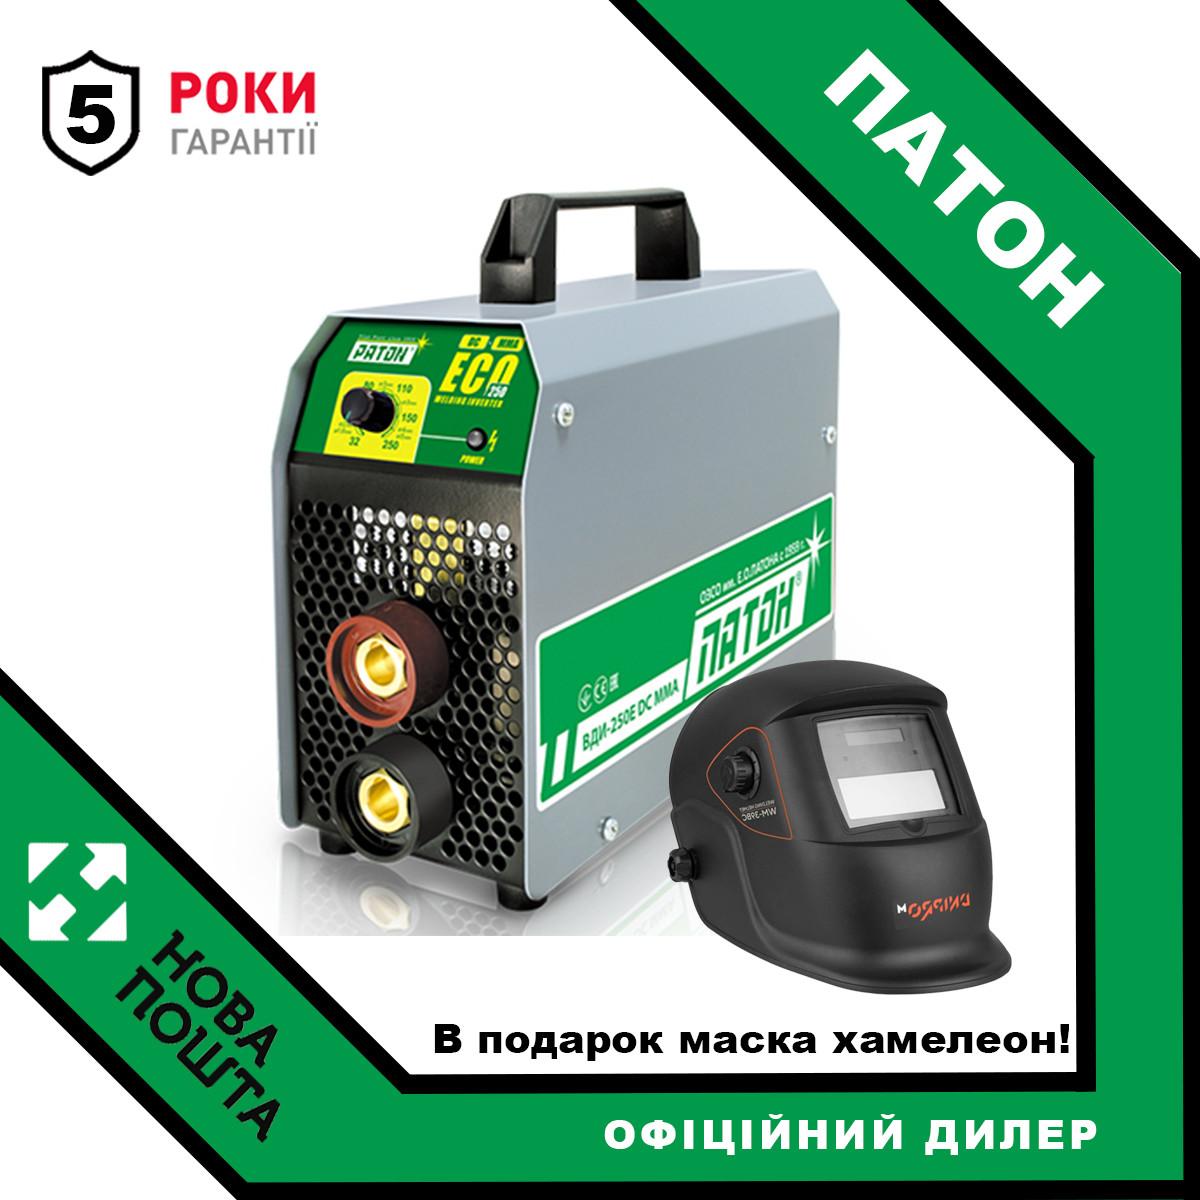 Зварювальний апарат-інвертор Патон ВДІ-250Е DC MMA + маска хамелеон